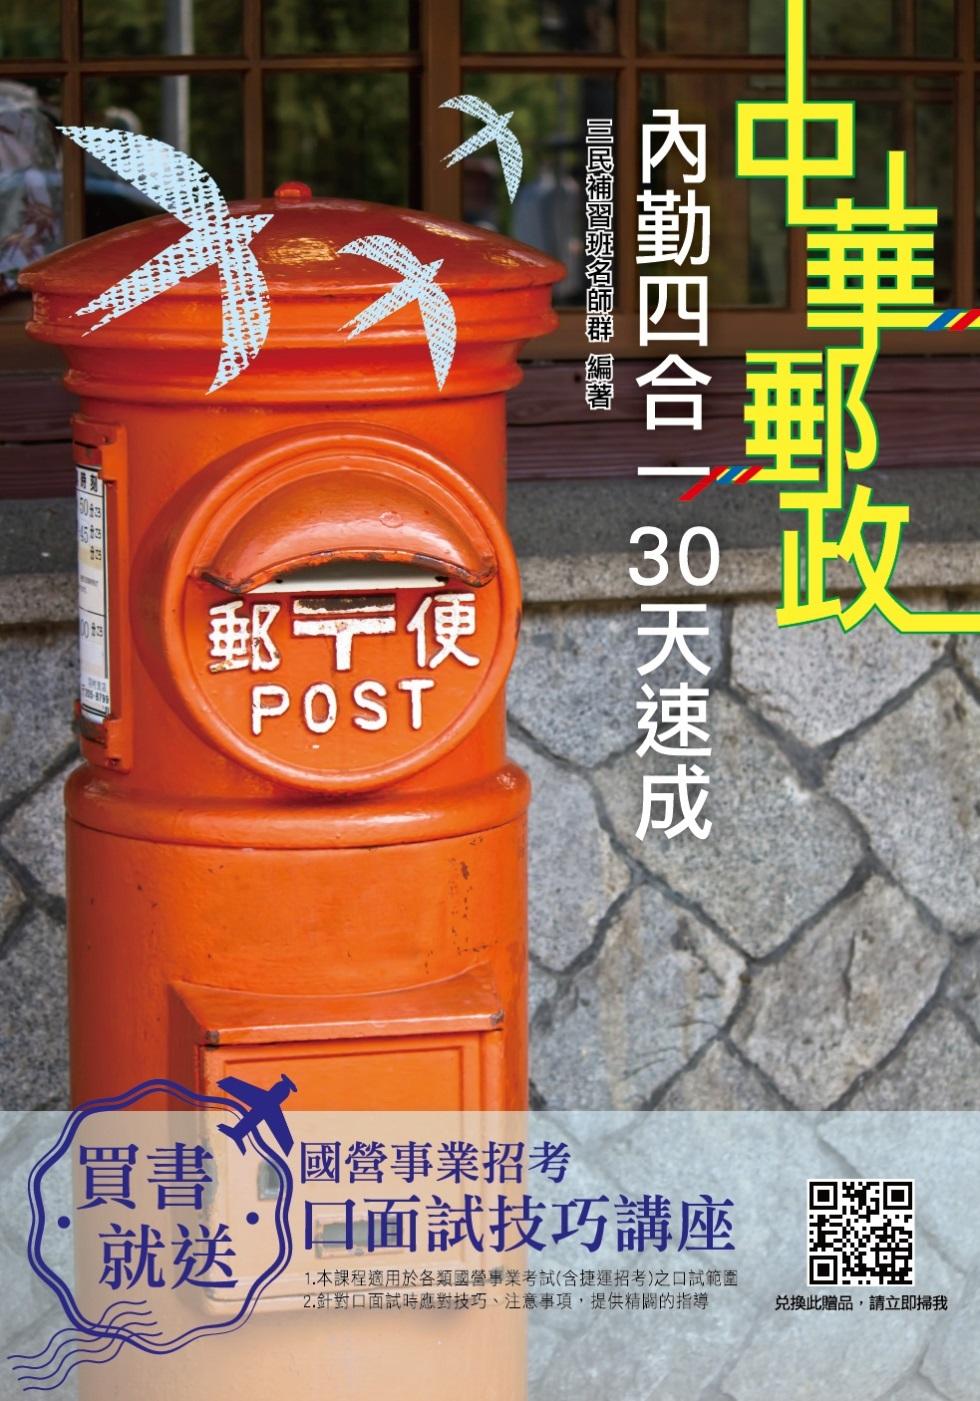 2020郵局內勤四合一30天速成(中華郵政專業職二內勤櫃台業務/身心障礙)(五版)